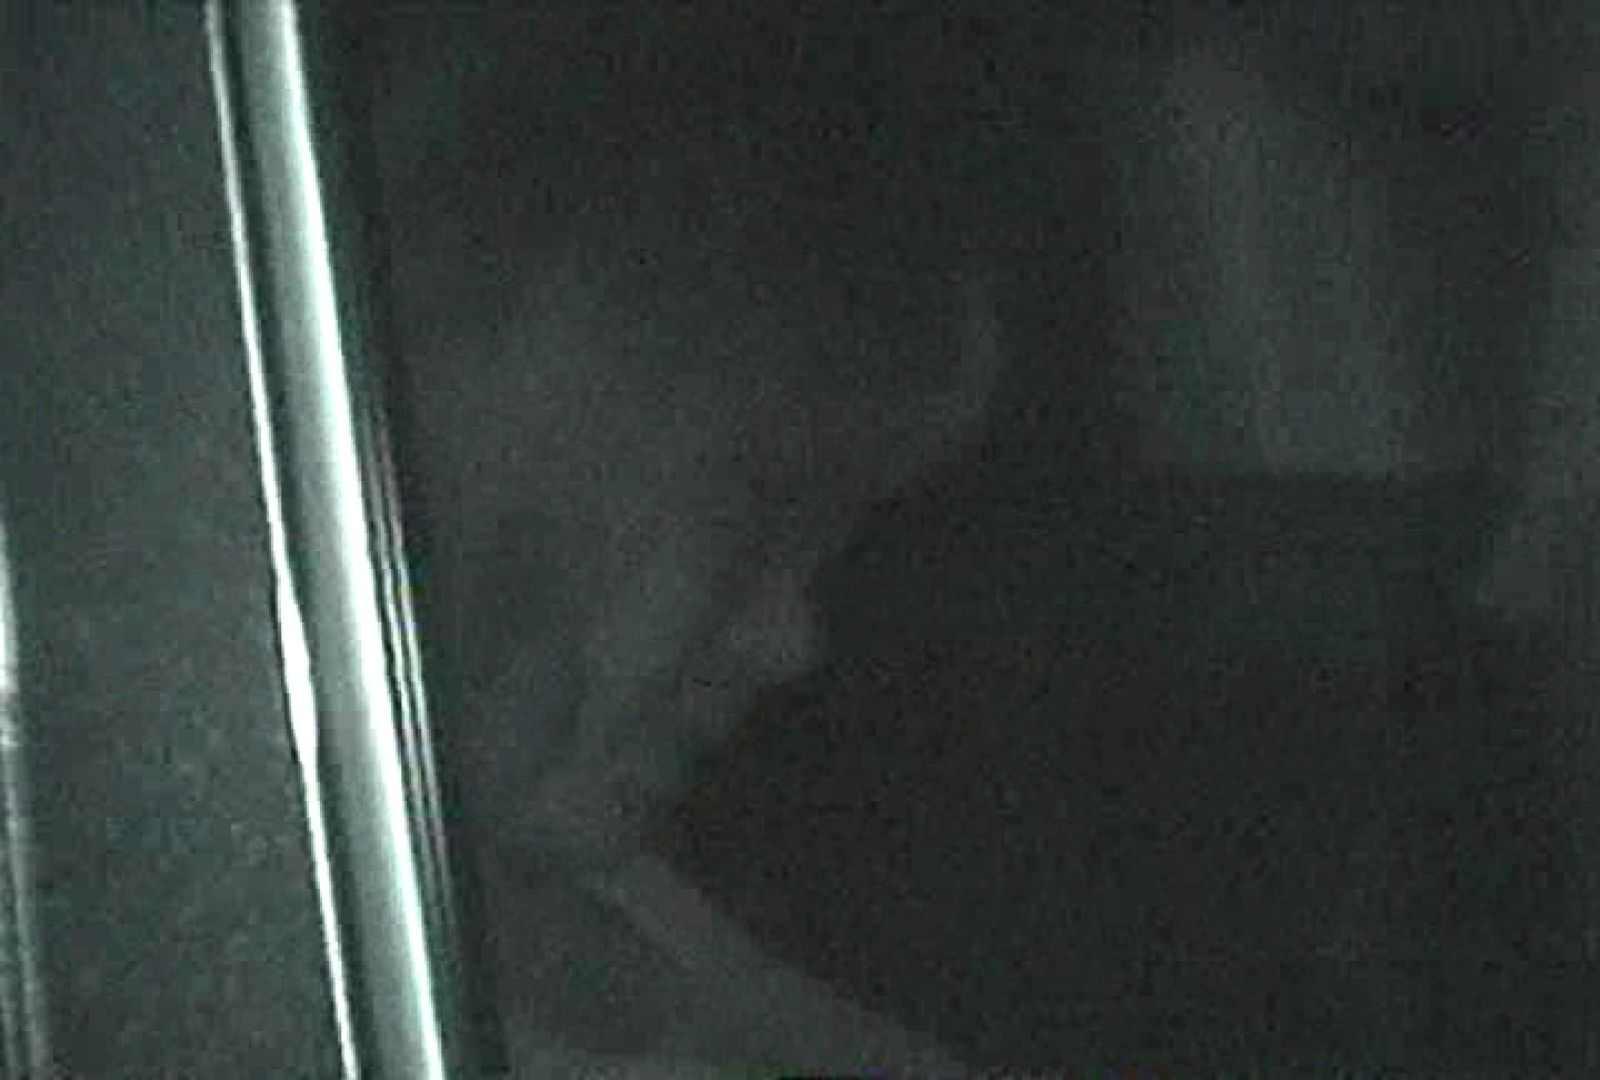 充血監督の深夜の運動会Vol.62 OL女体   カーセックス  75連発 73